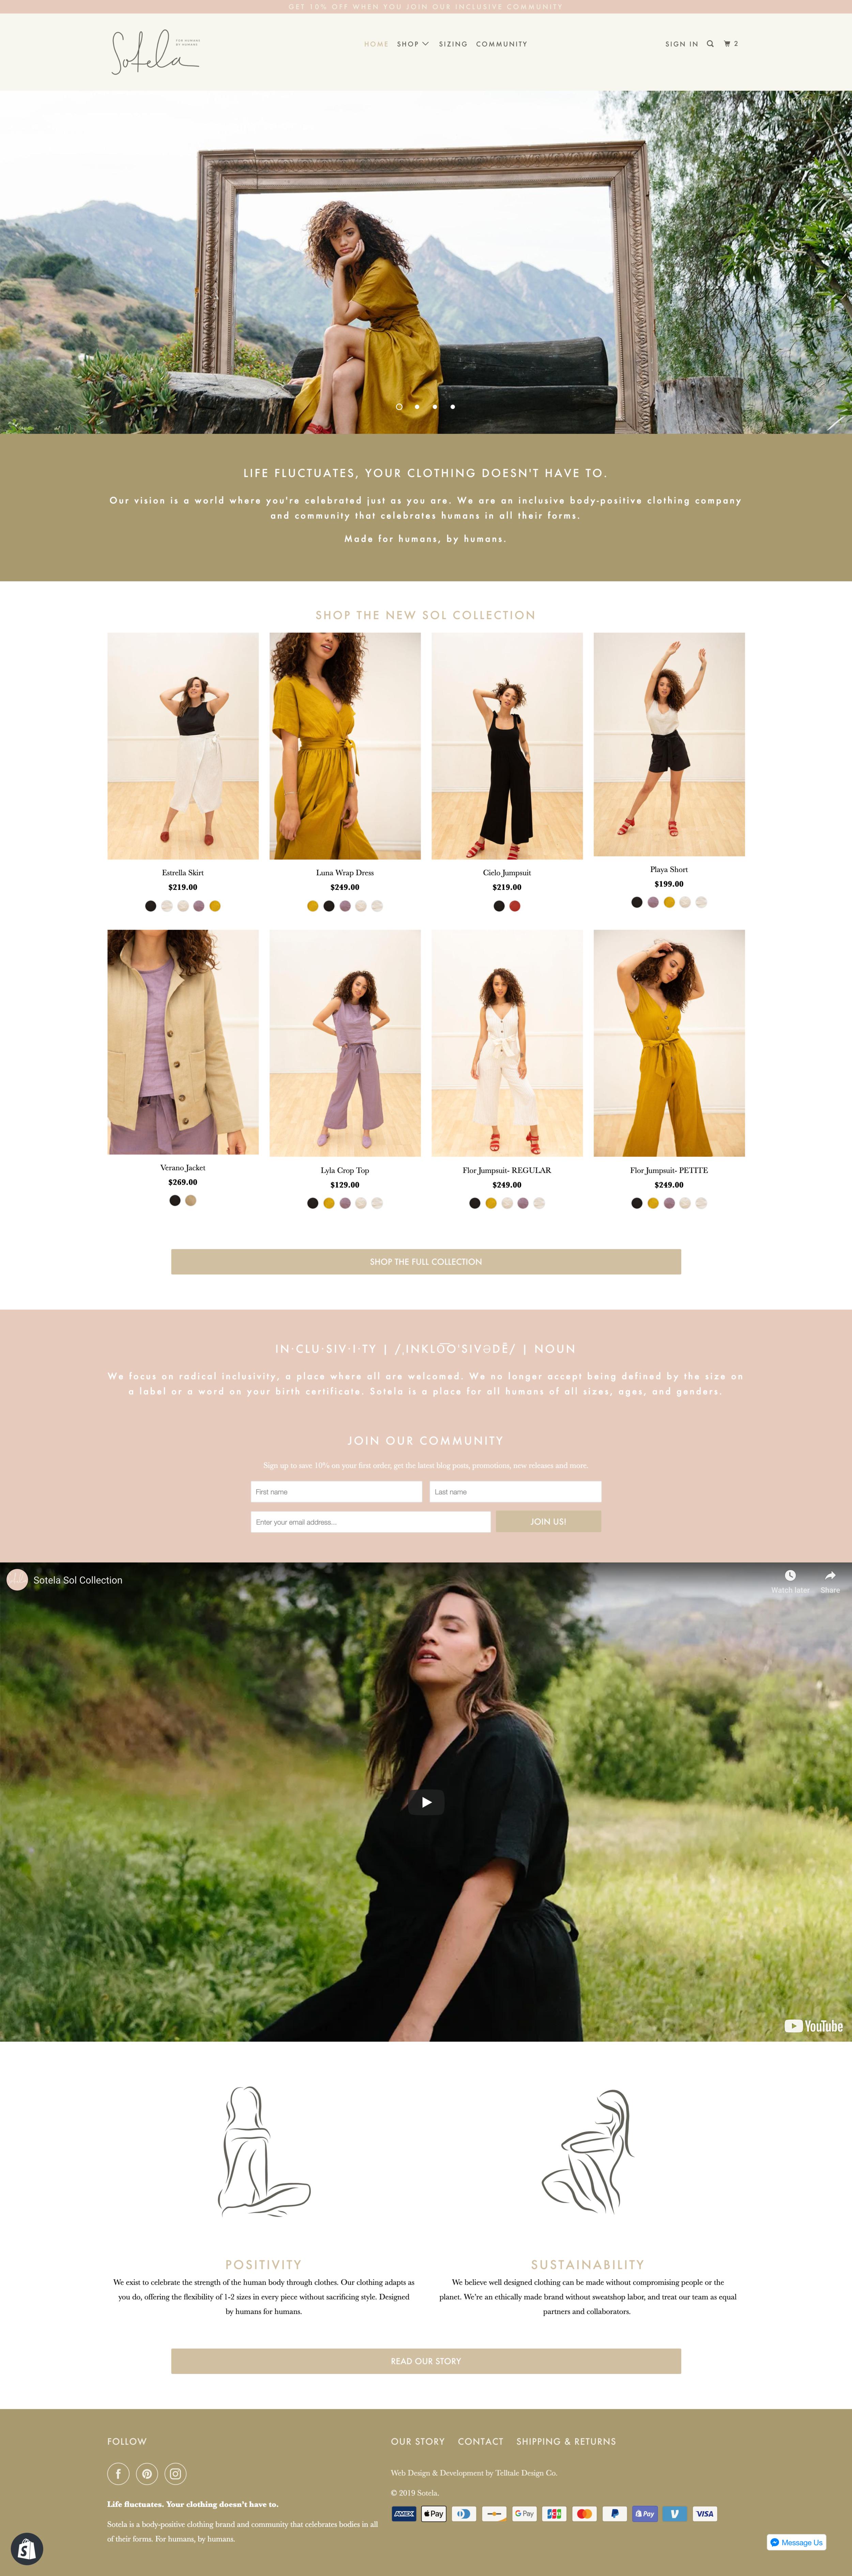 Sotela-Website-by-Telltale-Design-Co.PNG